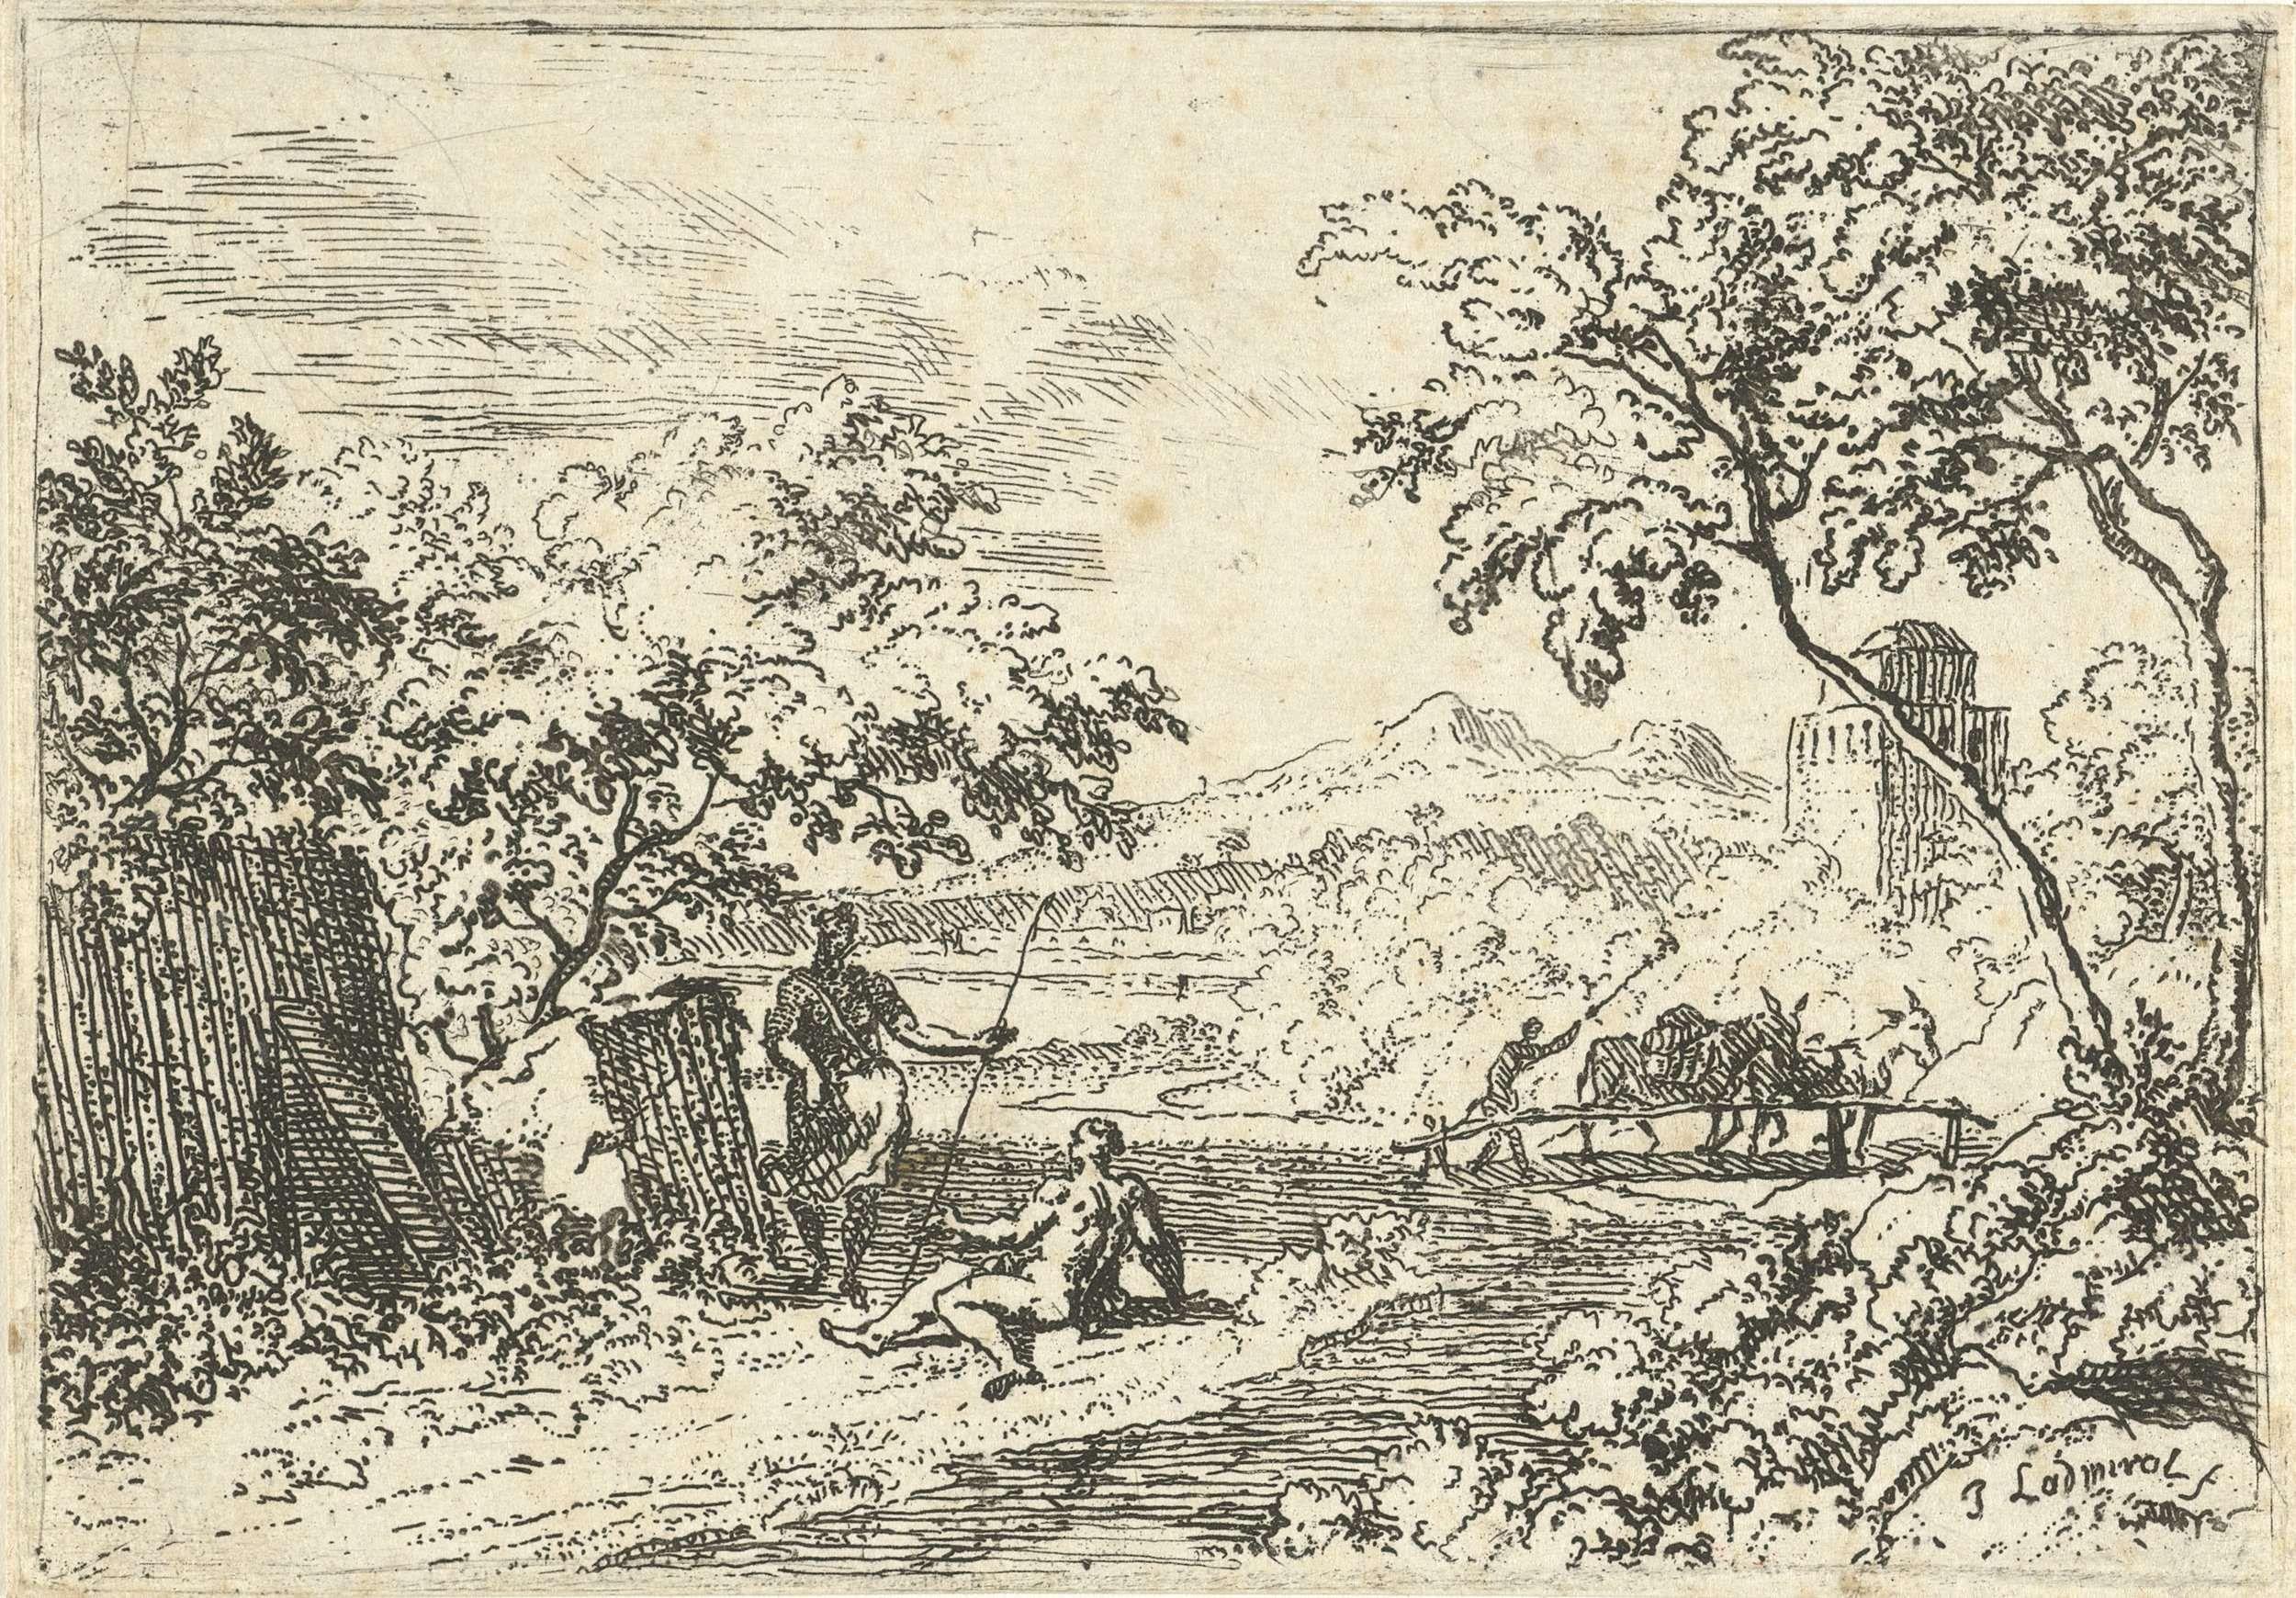 Jan l' Admiral | Arcadisch landschap met herders op een oever, Jan l' Admiral, 1709 - 1773 | Arcadisch landschap met op de voorgrond twee herders op een oever, in de verte loopt een figuur met twee ezels op een brug.